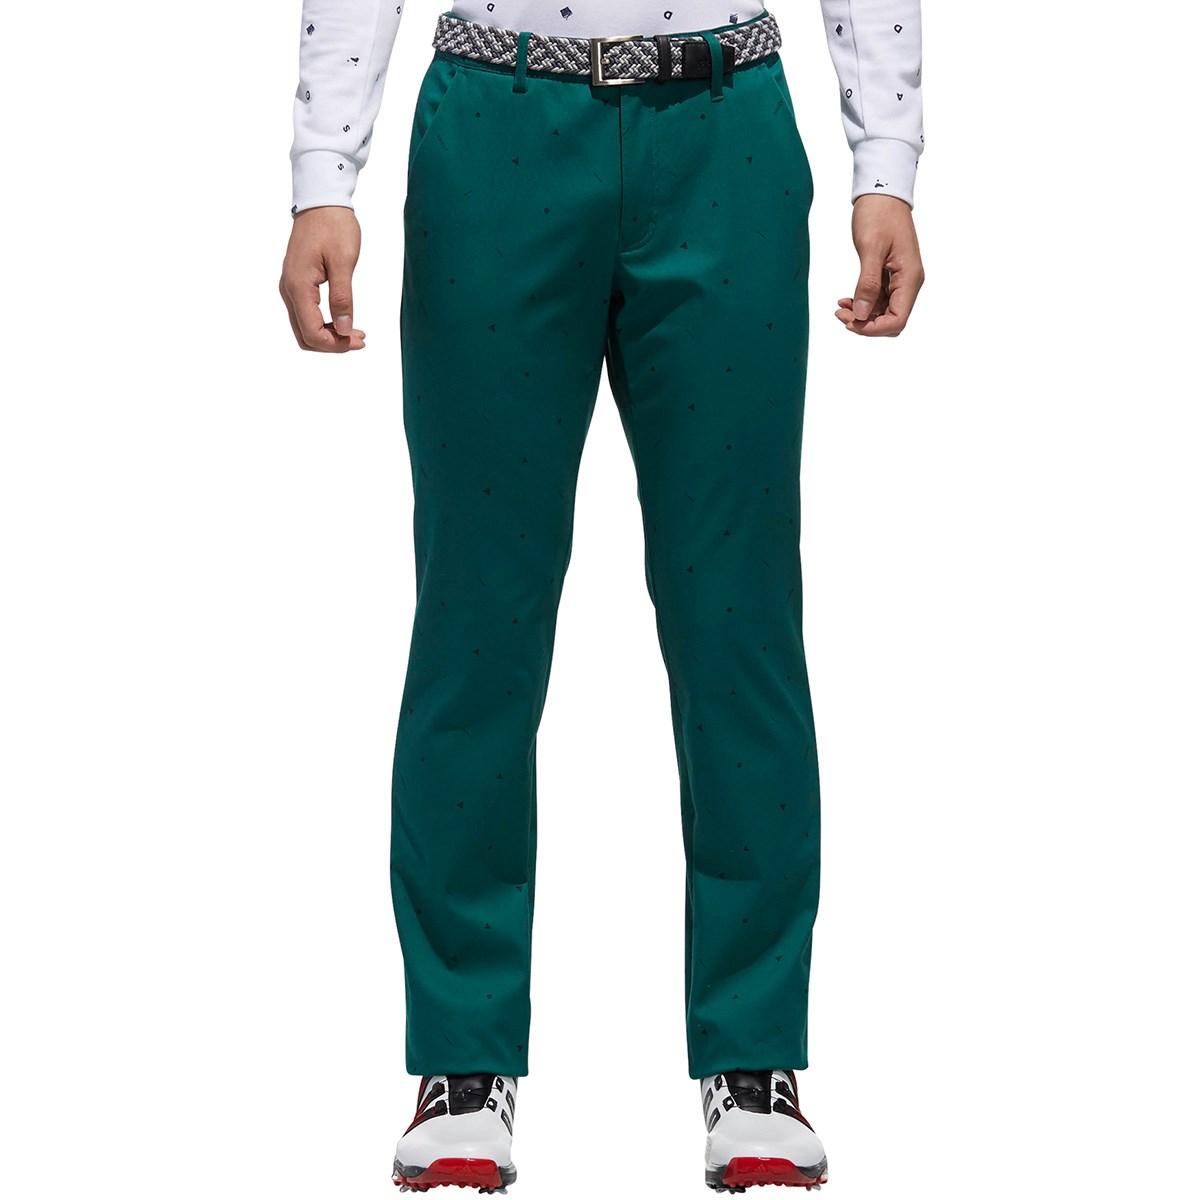 アディダス(adidas) adicross モノグラム ストレッチパンツ